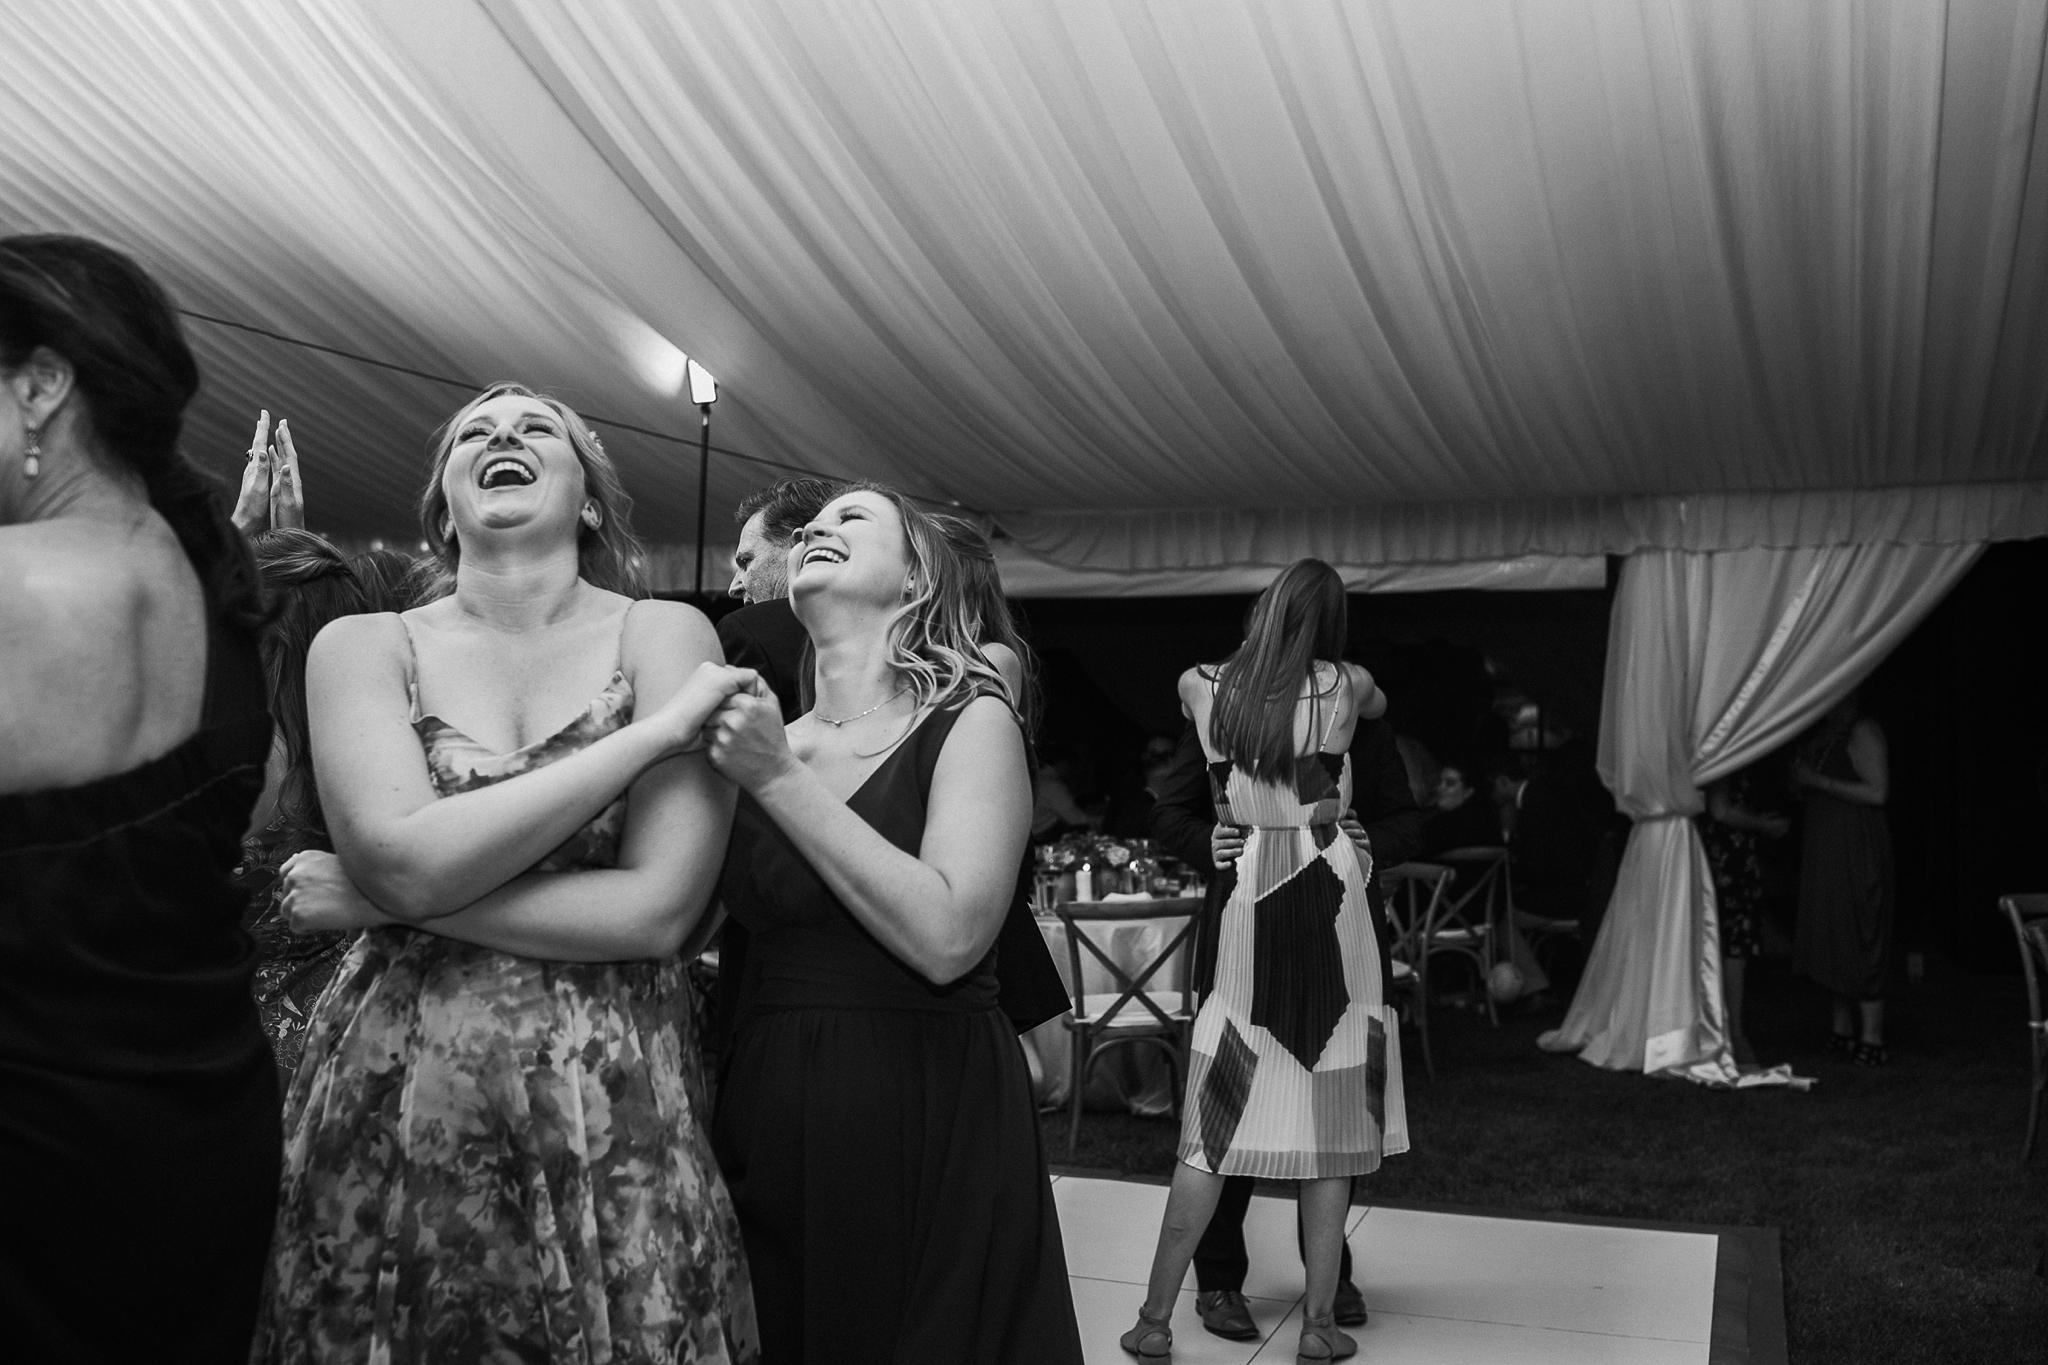 Alicia+lucia+photography+-+albuquerque+wedding+photographer+-+santa+fe+wedding+photography+-+new+mexico+wedding+photographer+-+new+mexico+wedding+-+las+campanas+wedding+-+santa+fe+wedding+-+maximalist+wedding+-+destination+wedding_0154.jpg